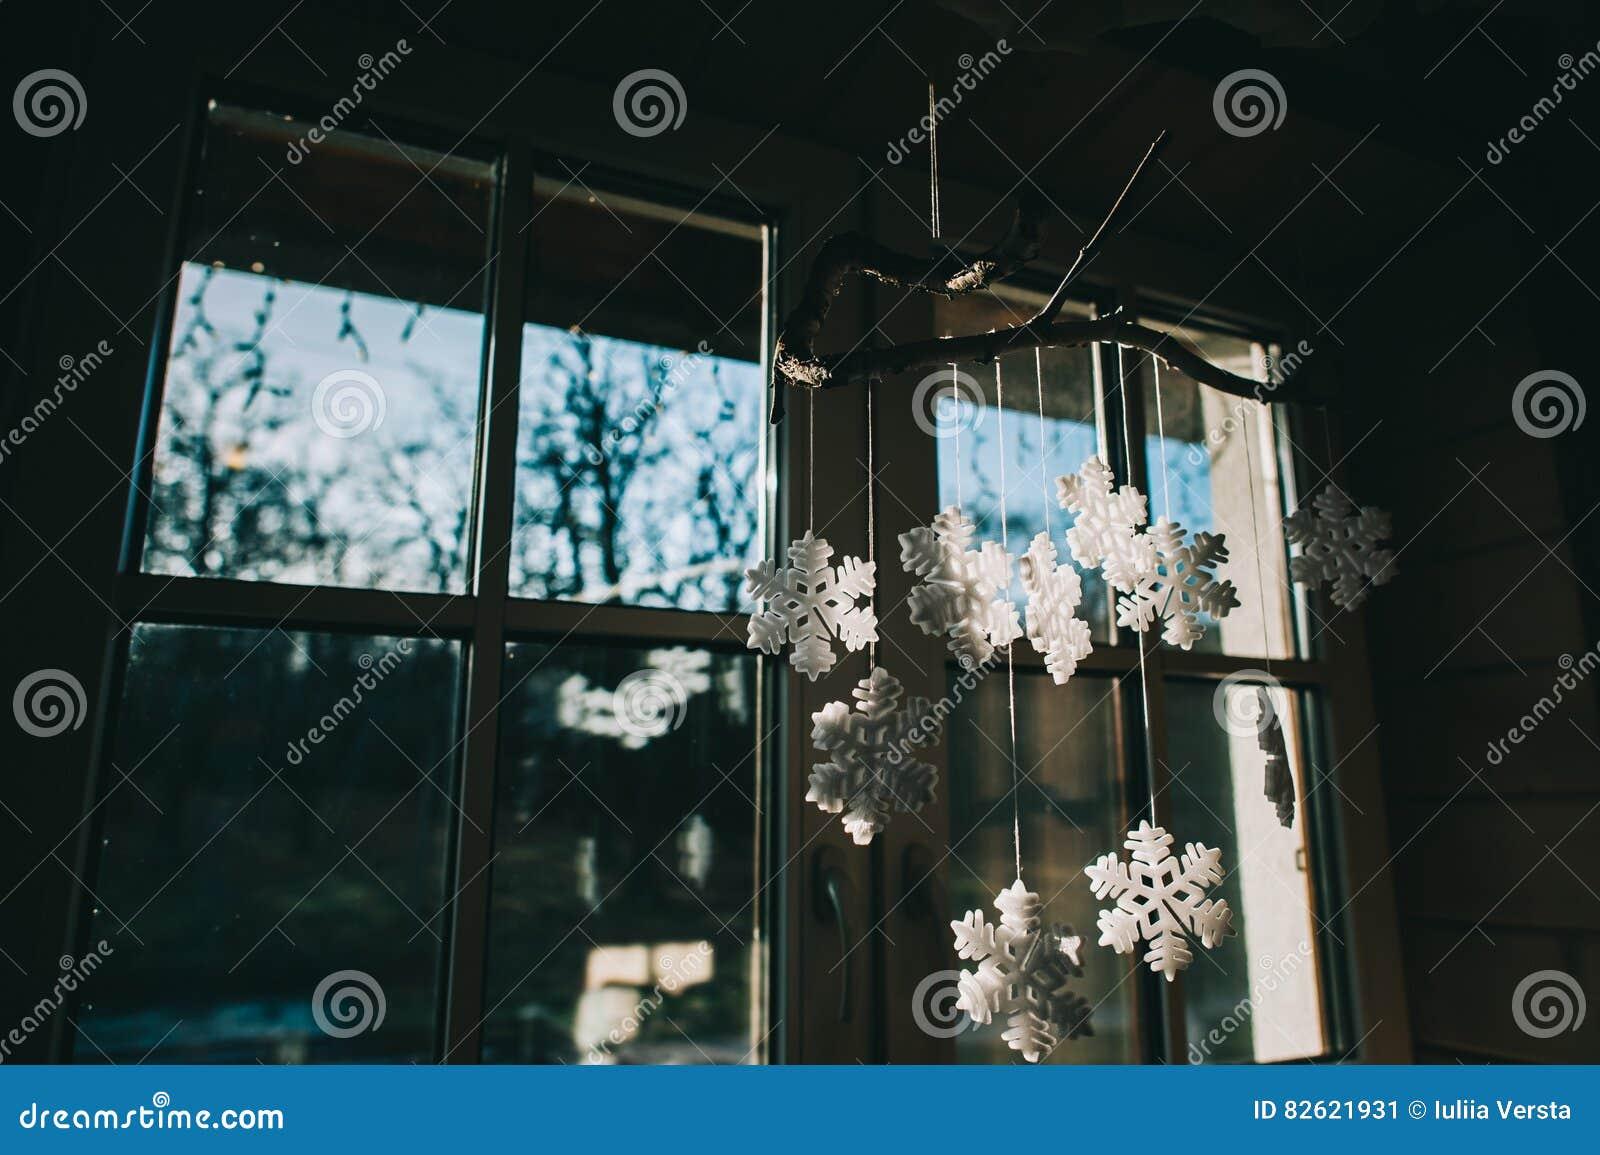 Decorazione Finestre Per Natale : Decorazione di natale sulla finestra immagine stock immagine di